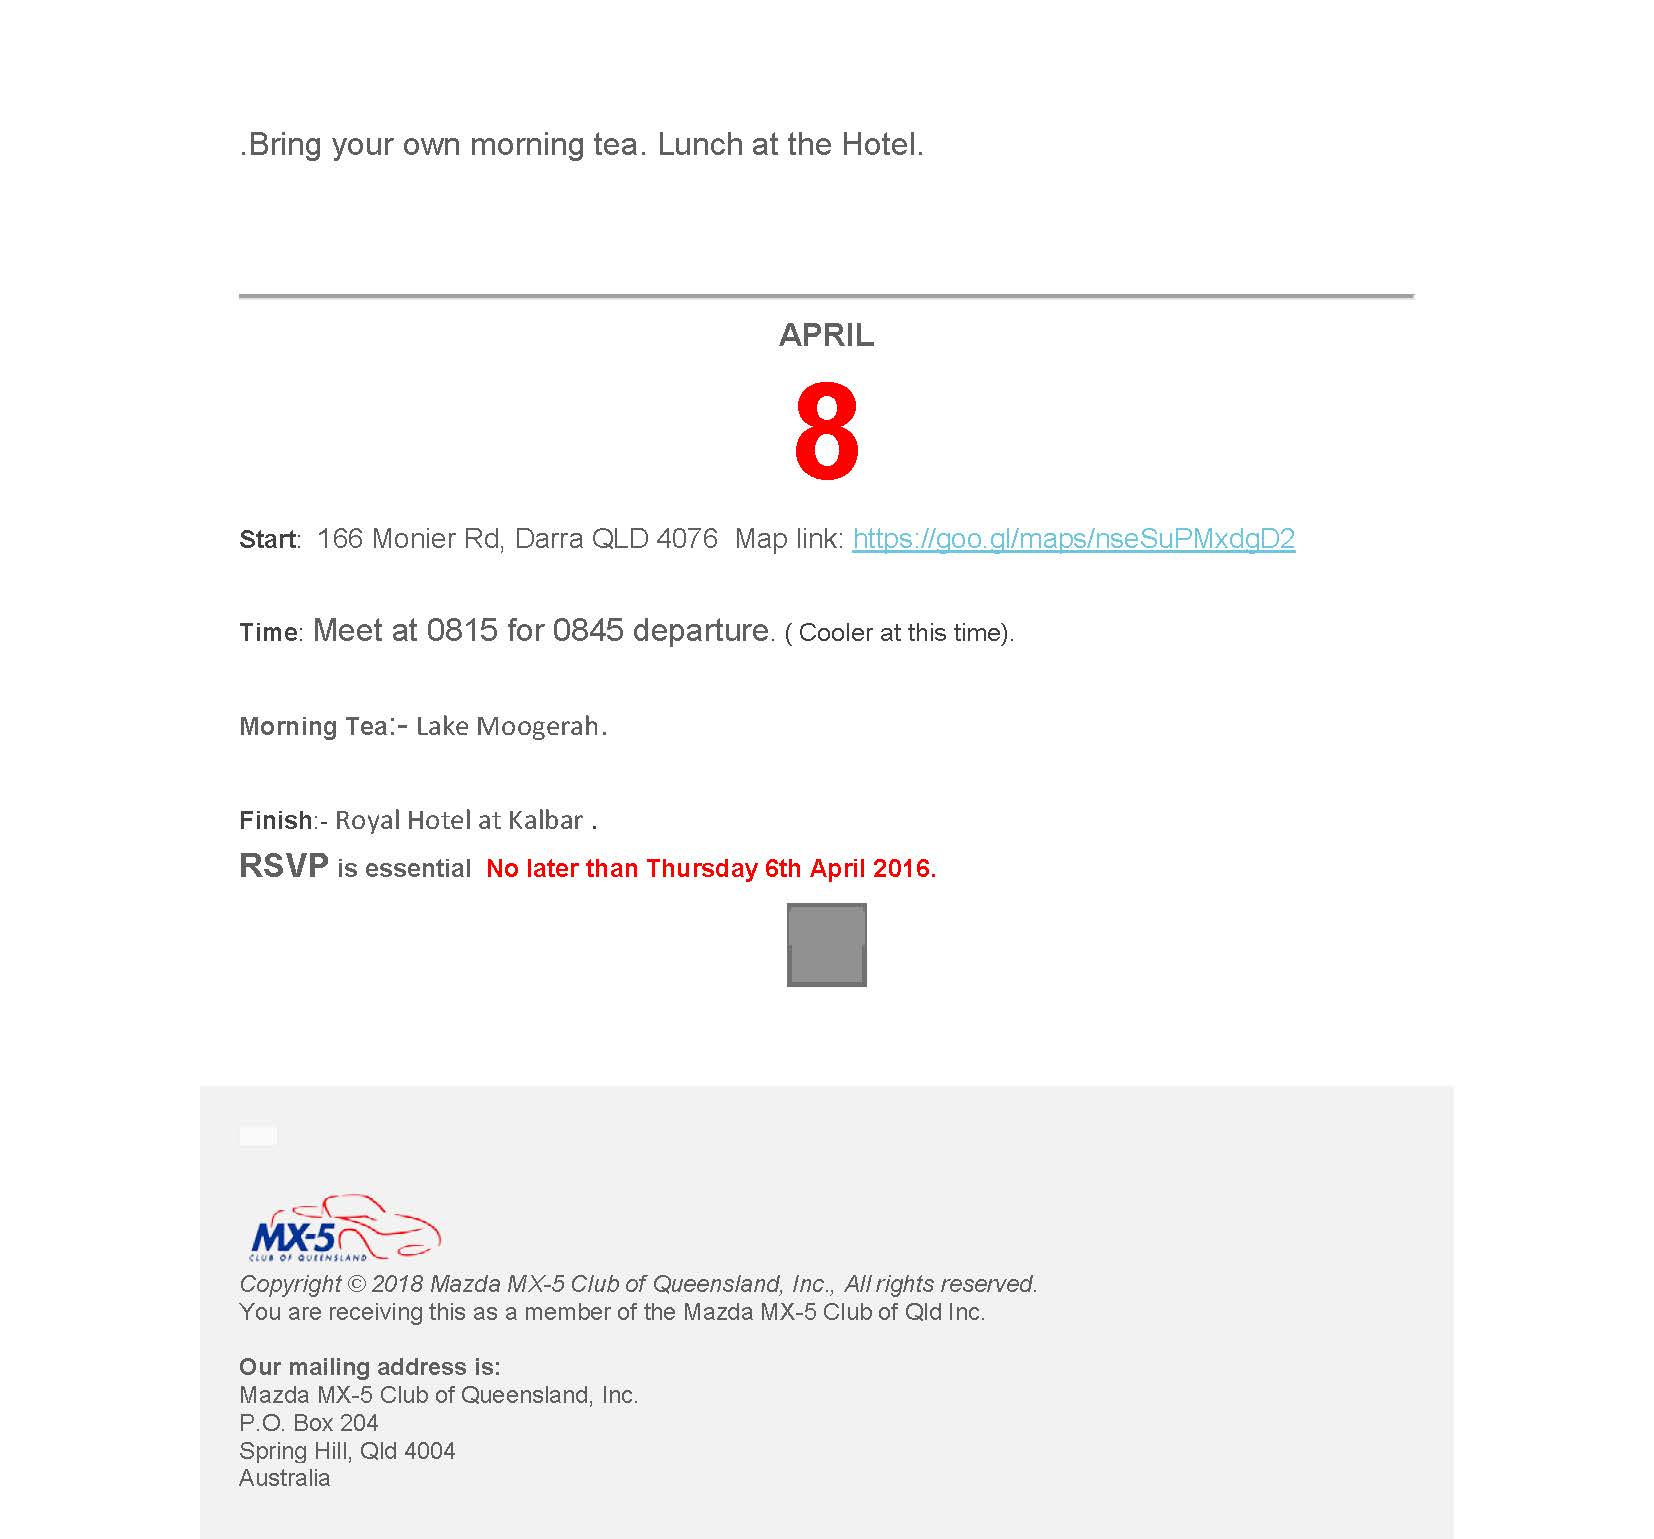 Mazda MX Scenic Exposure Bne Run 08-03-18_Page_2.jpg